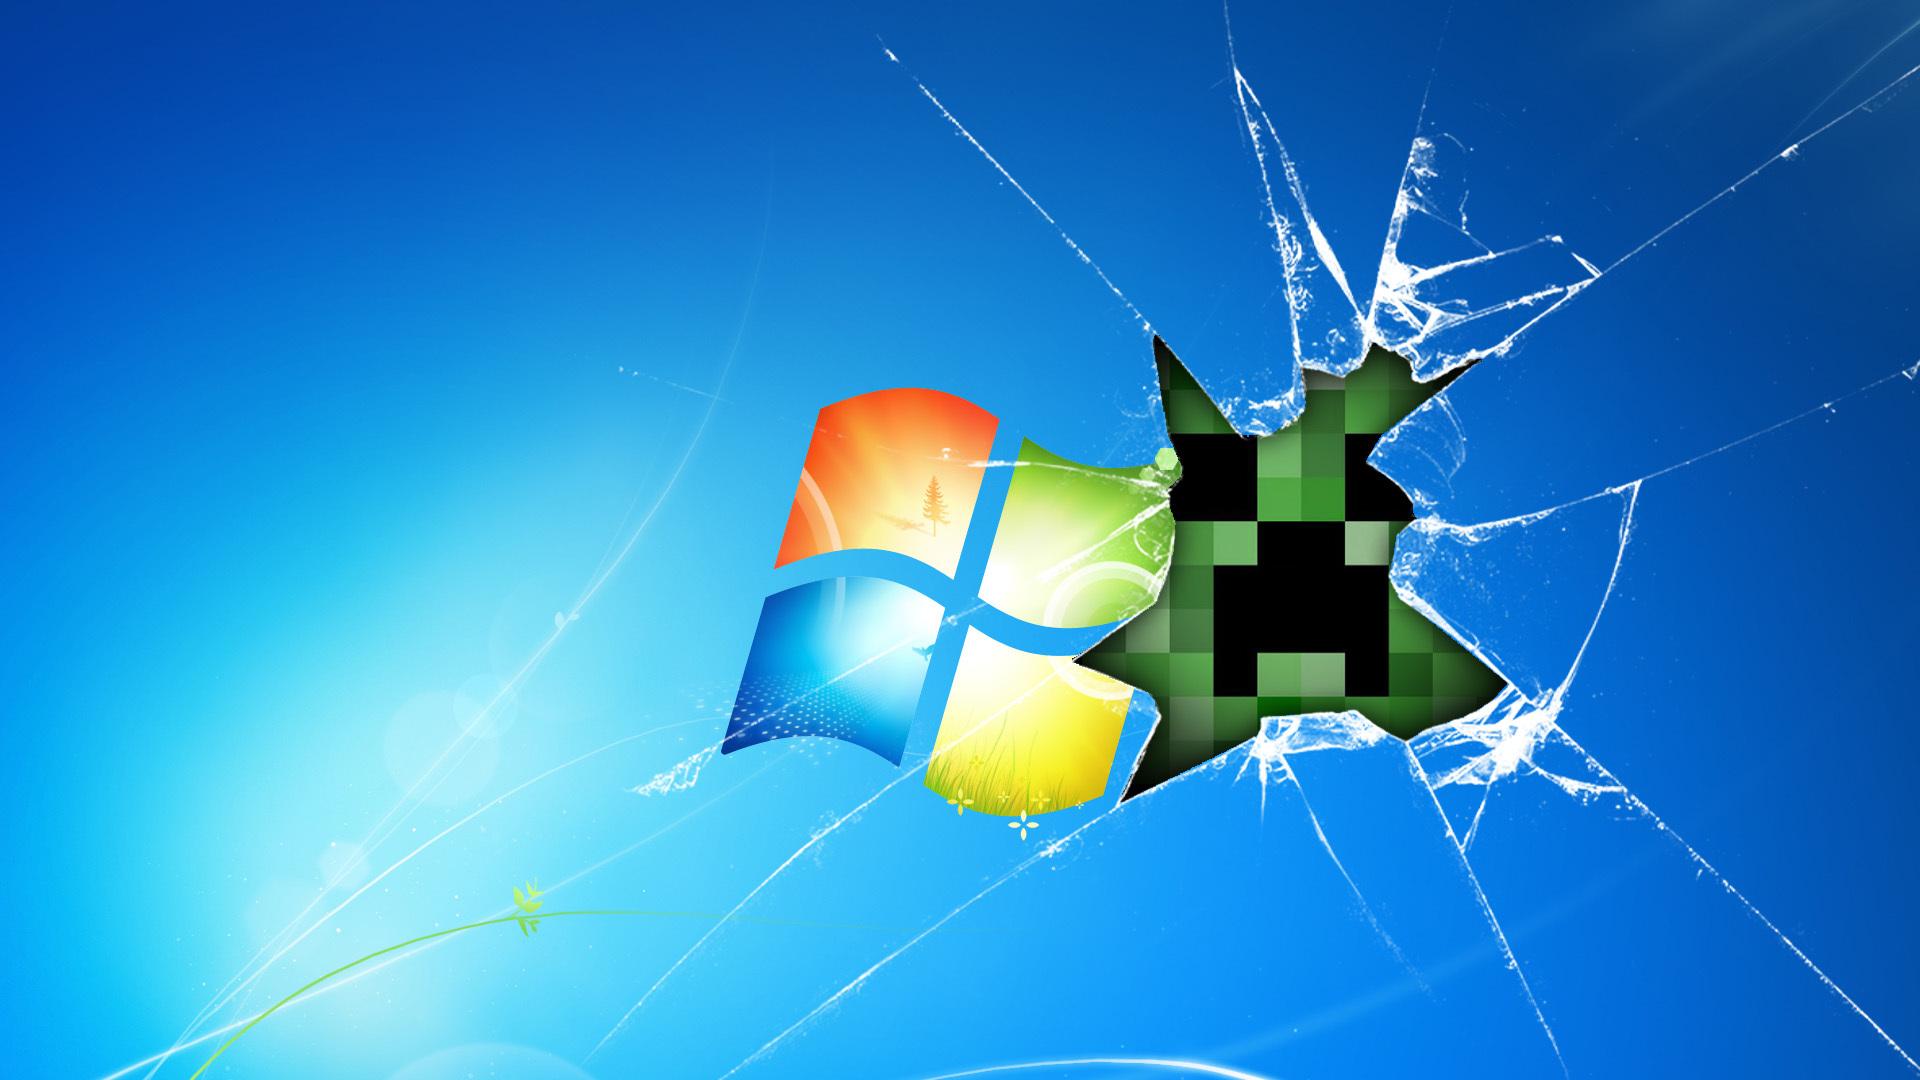 Minecraft Background Free download | PixelsTalk Net